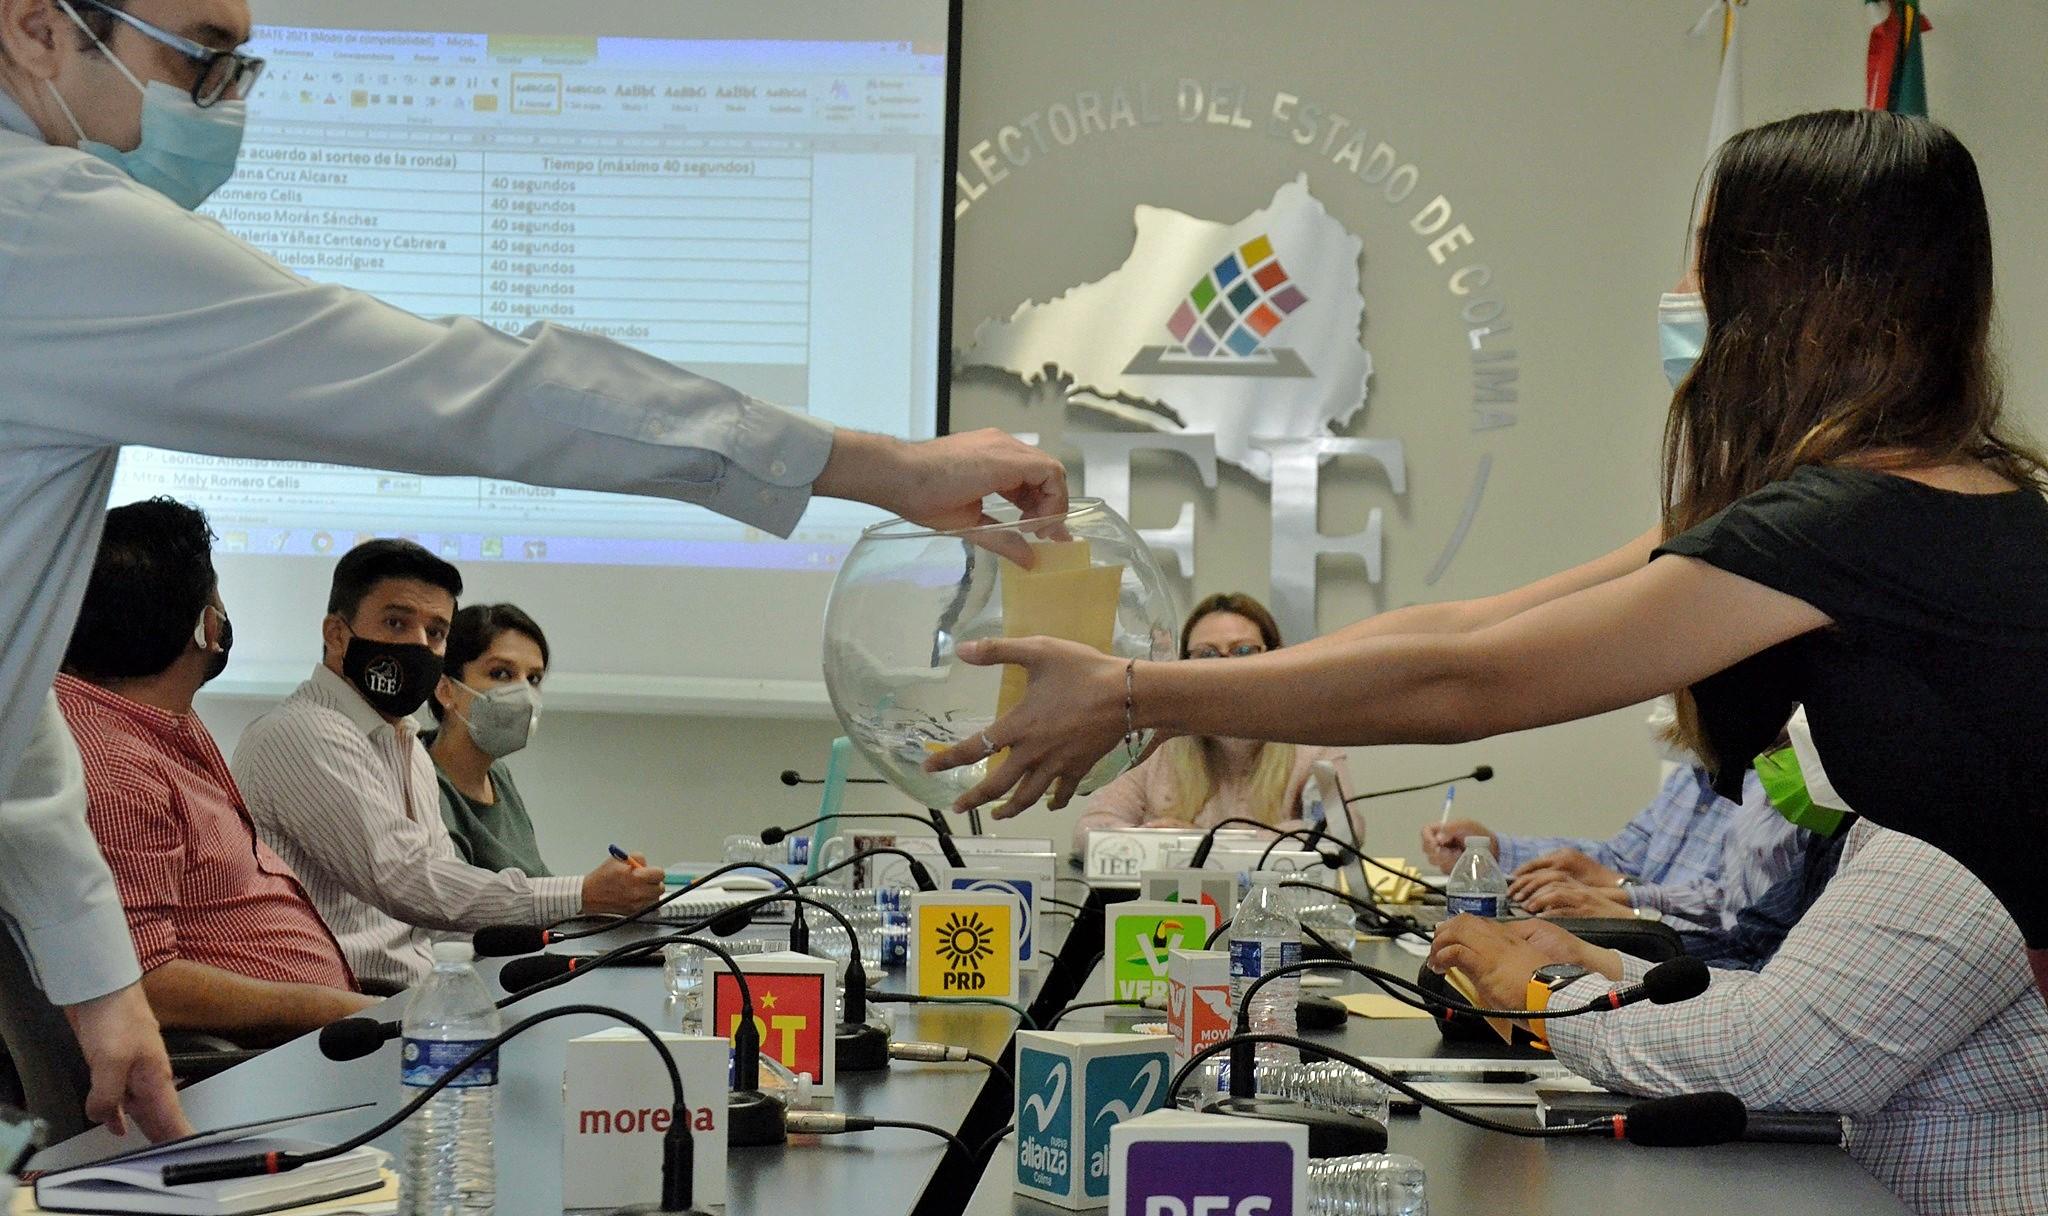 Participarán siete candidaturas en debate político organizado por IEE Colima; sortean ubicación y participación